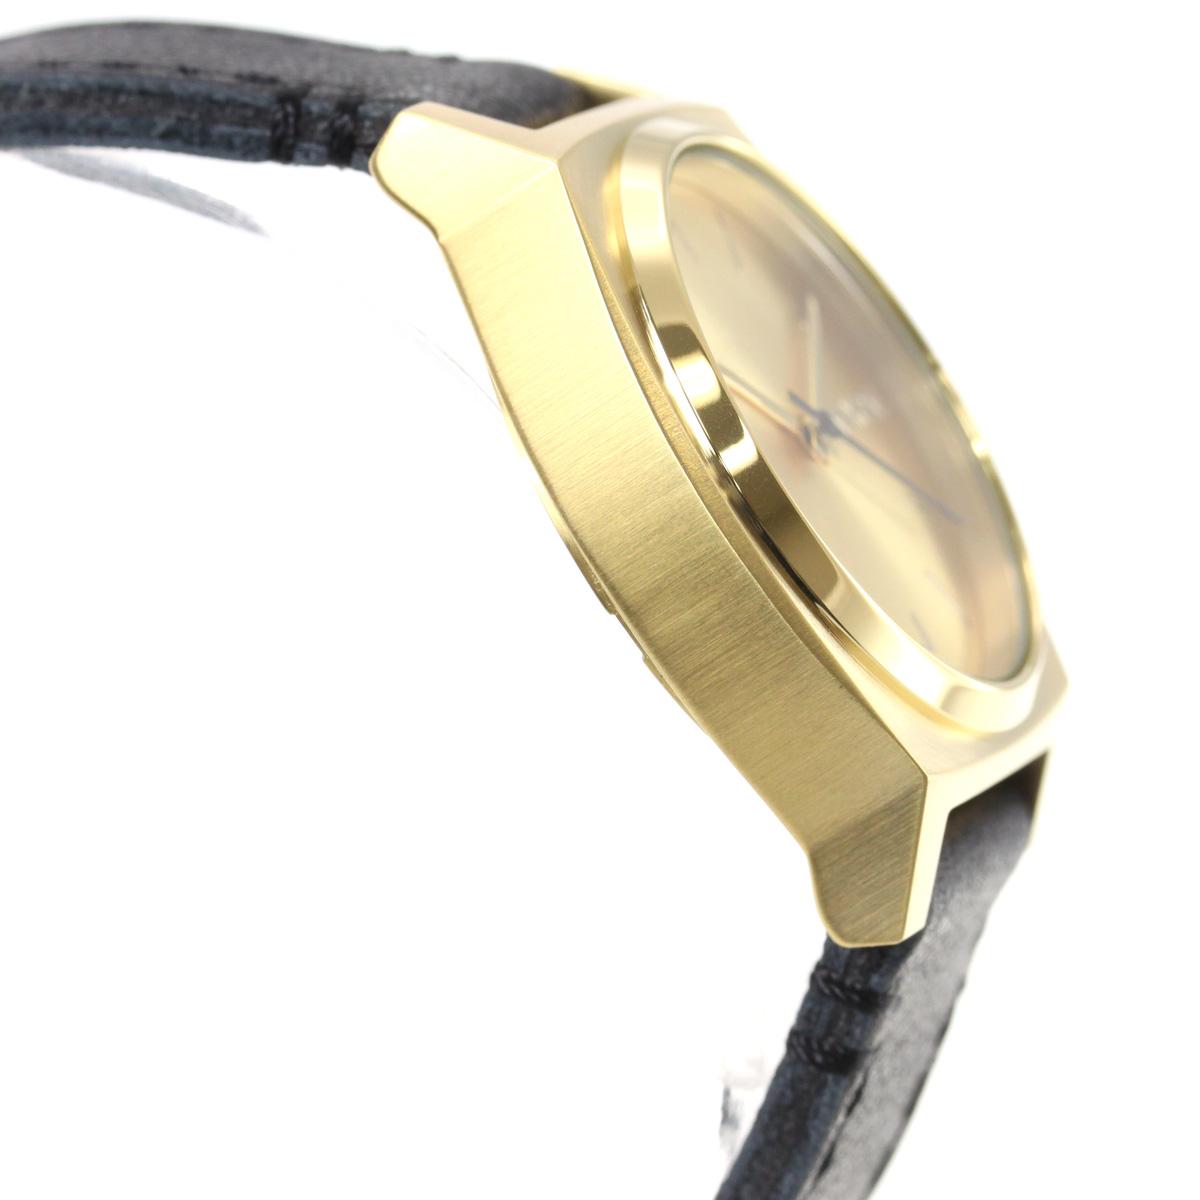 10%OFFクーポン!31日23:59まで! ニクソン NIXON ミディアム タイムテラー レザー MEDIUM TIME TELLER LEATHER 腕時計 レディース ゴールド/ブラック NA1172513-00